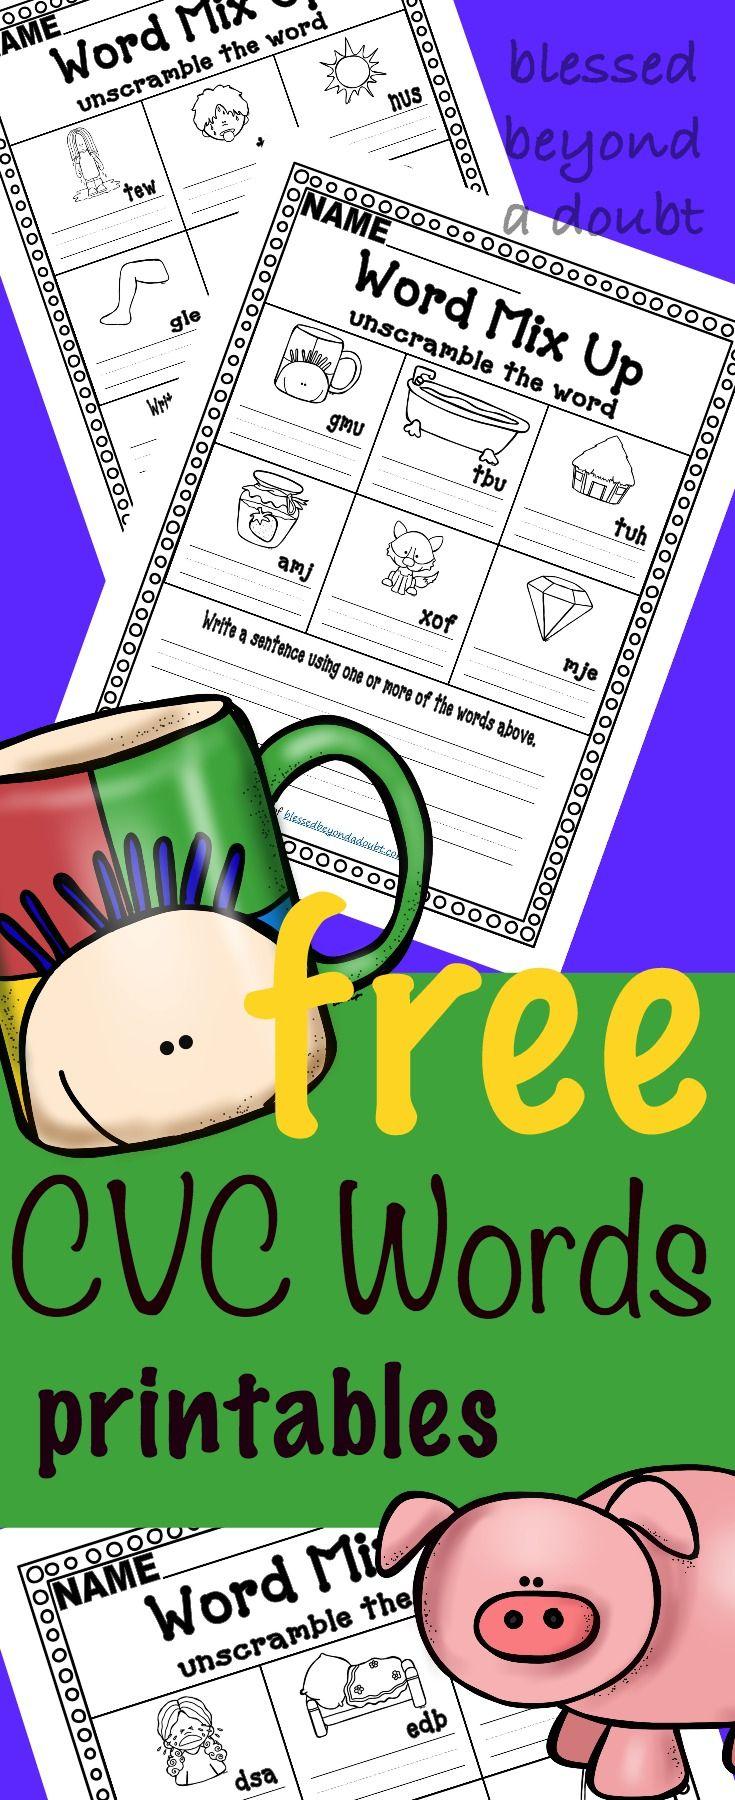 FREE CVC Word Worksheets - Unscramble the CVC word | Español inglés ...